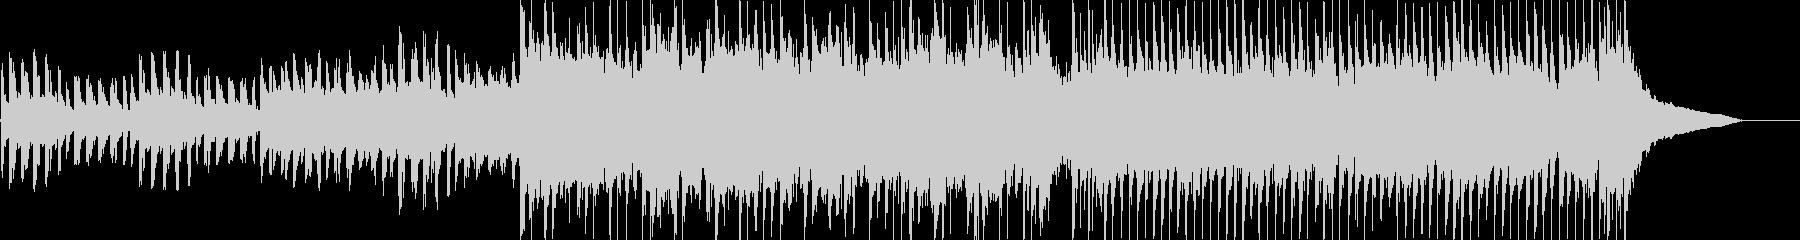 スマホCMで流れるような明るいポップス曲の未再生の波形